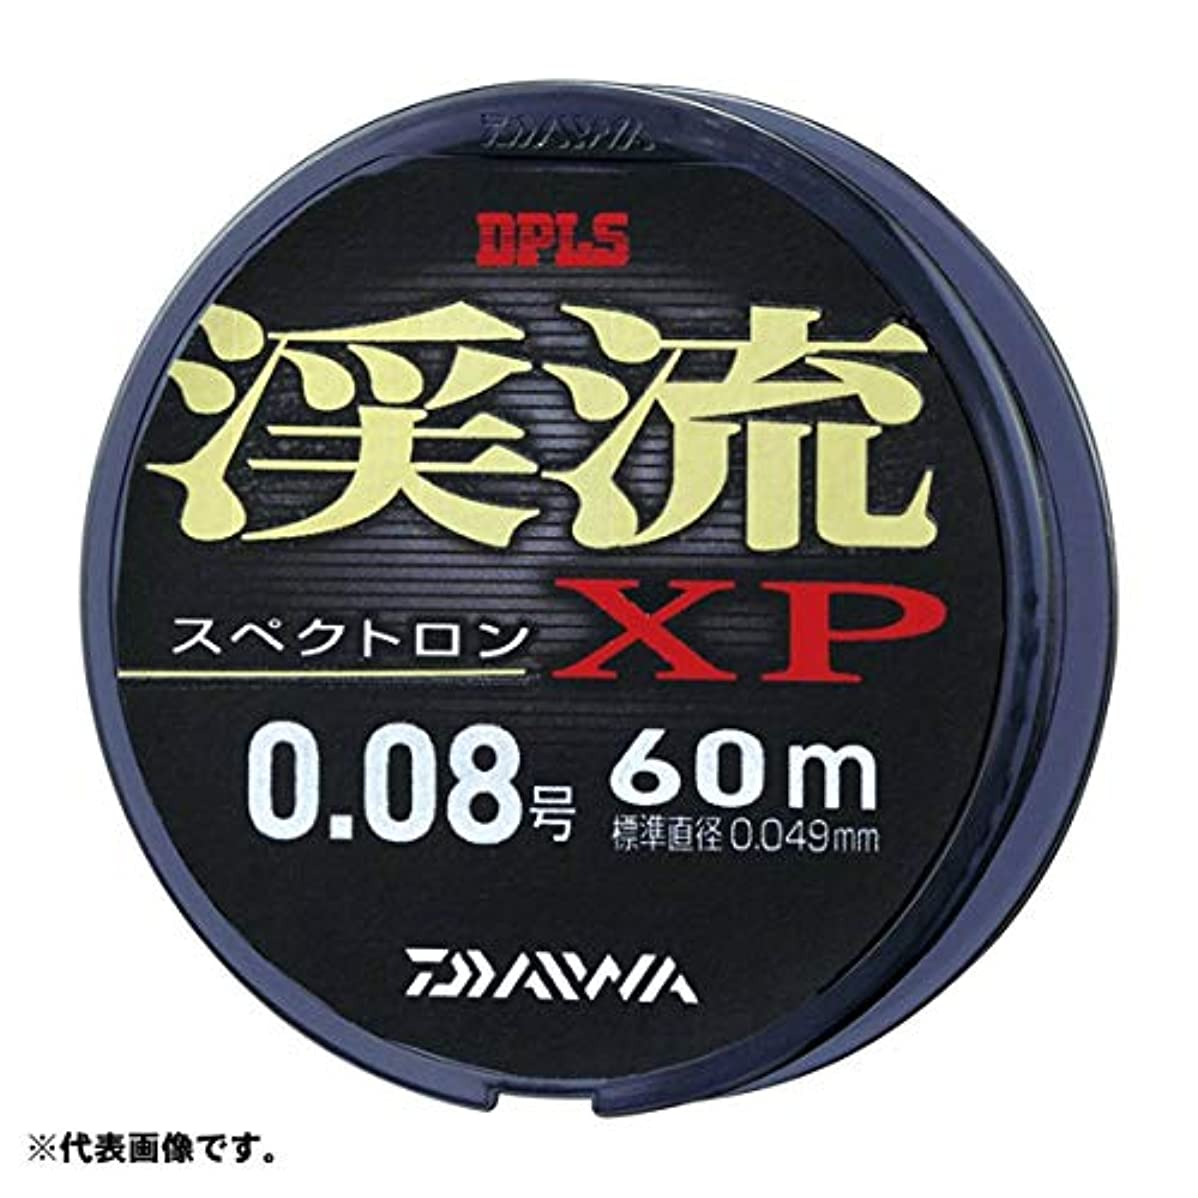 取るに足らないやがてペンダイワ(Daiwa) ナイロンライン スペクトロン 渓流 XP 60m 0.125号 クリアー